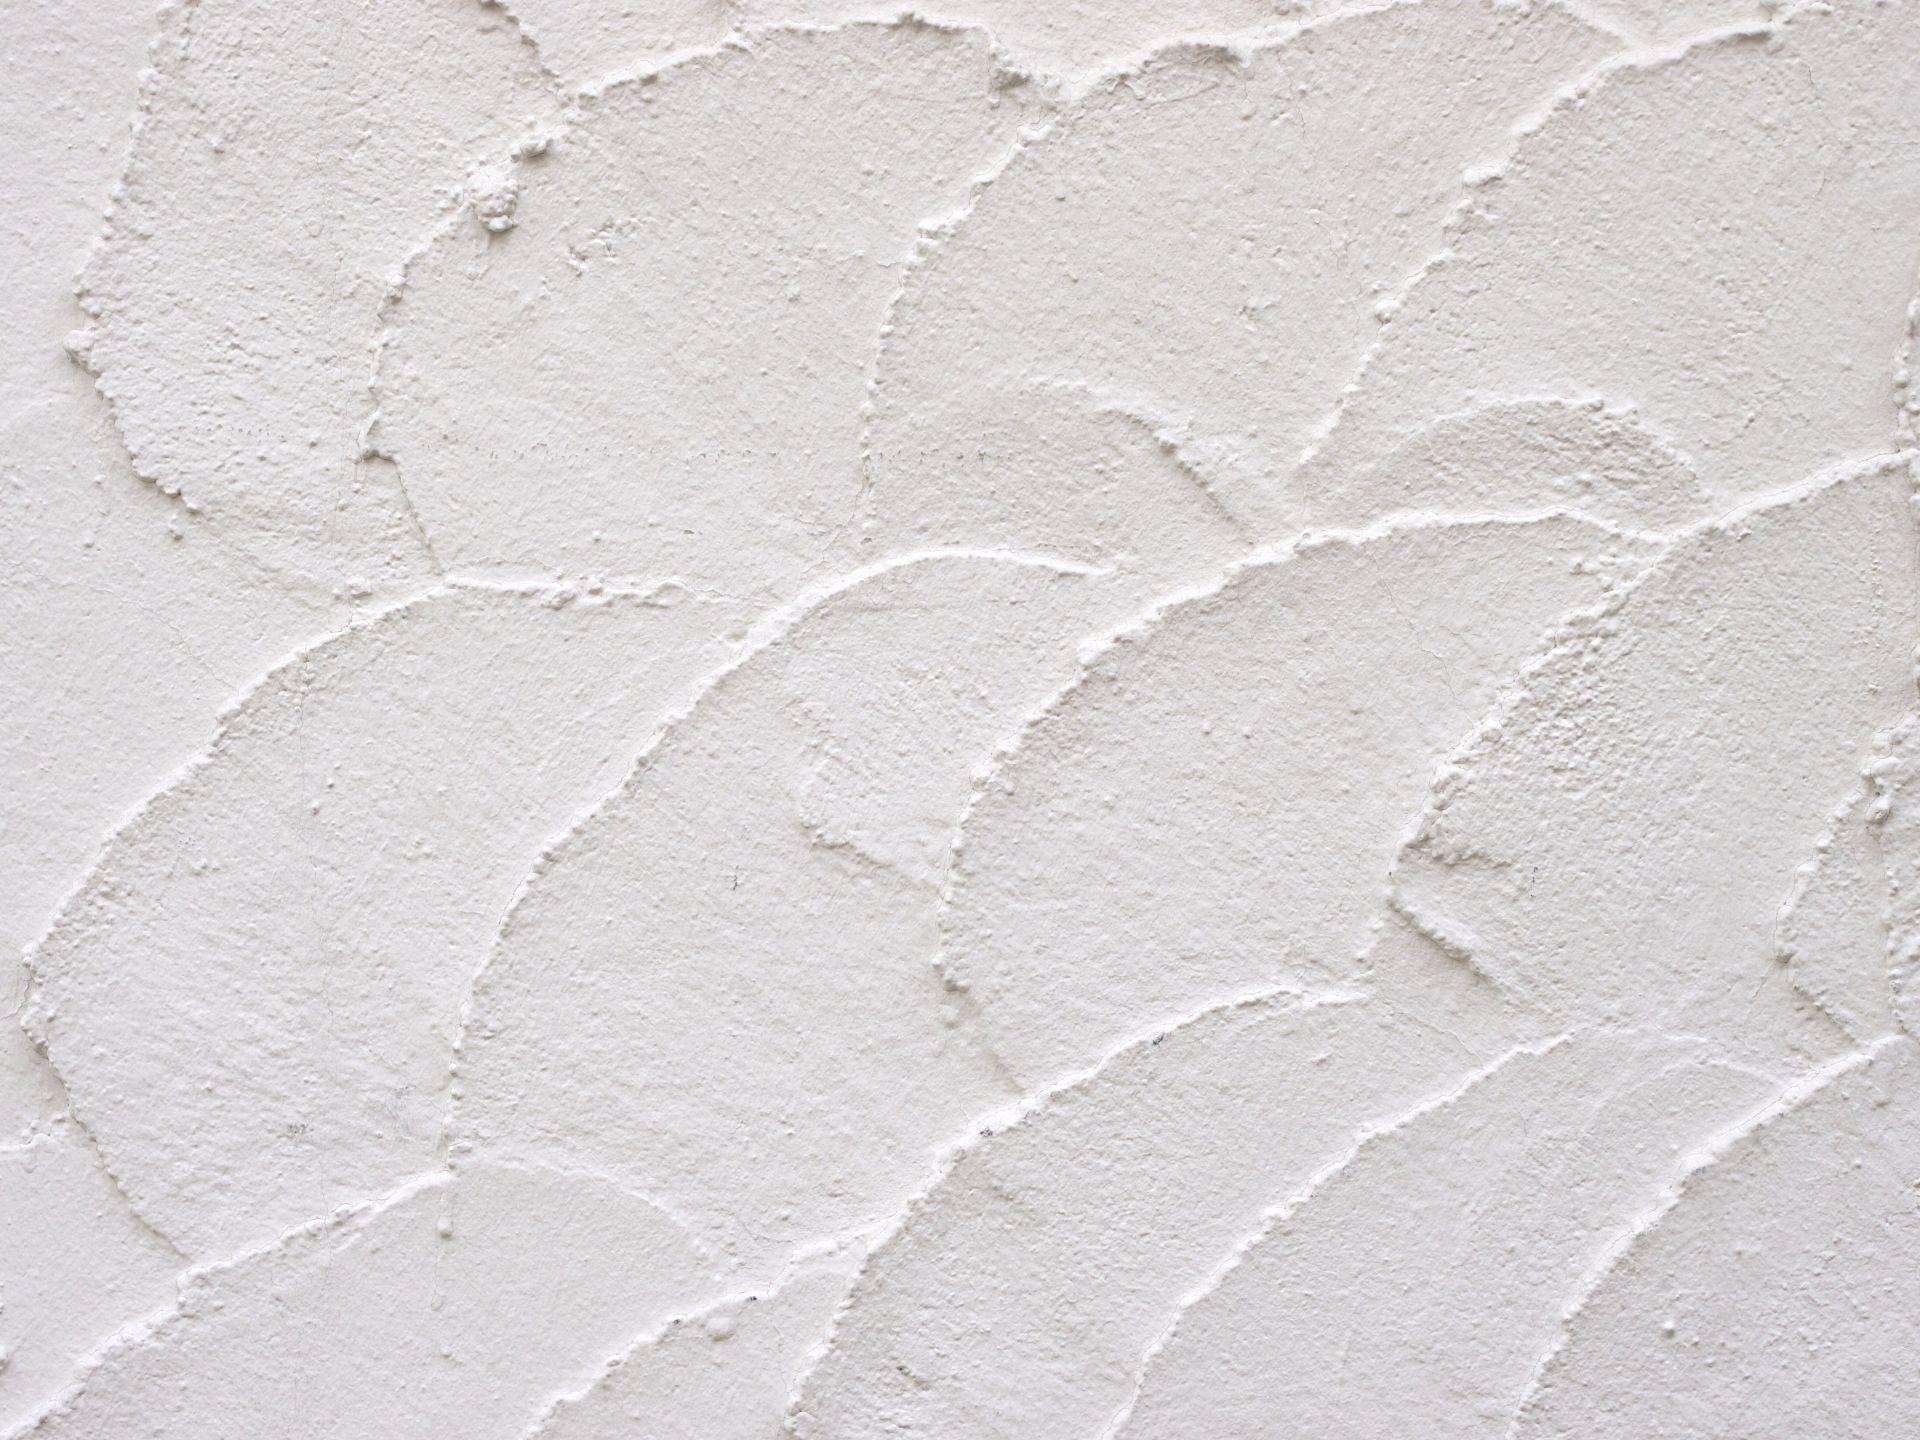 「漆喰」とは何か?|誰でもわかるリノベ用語集